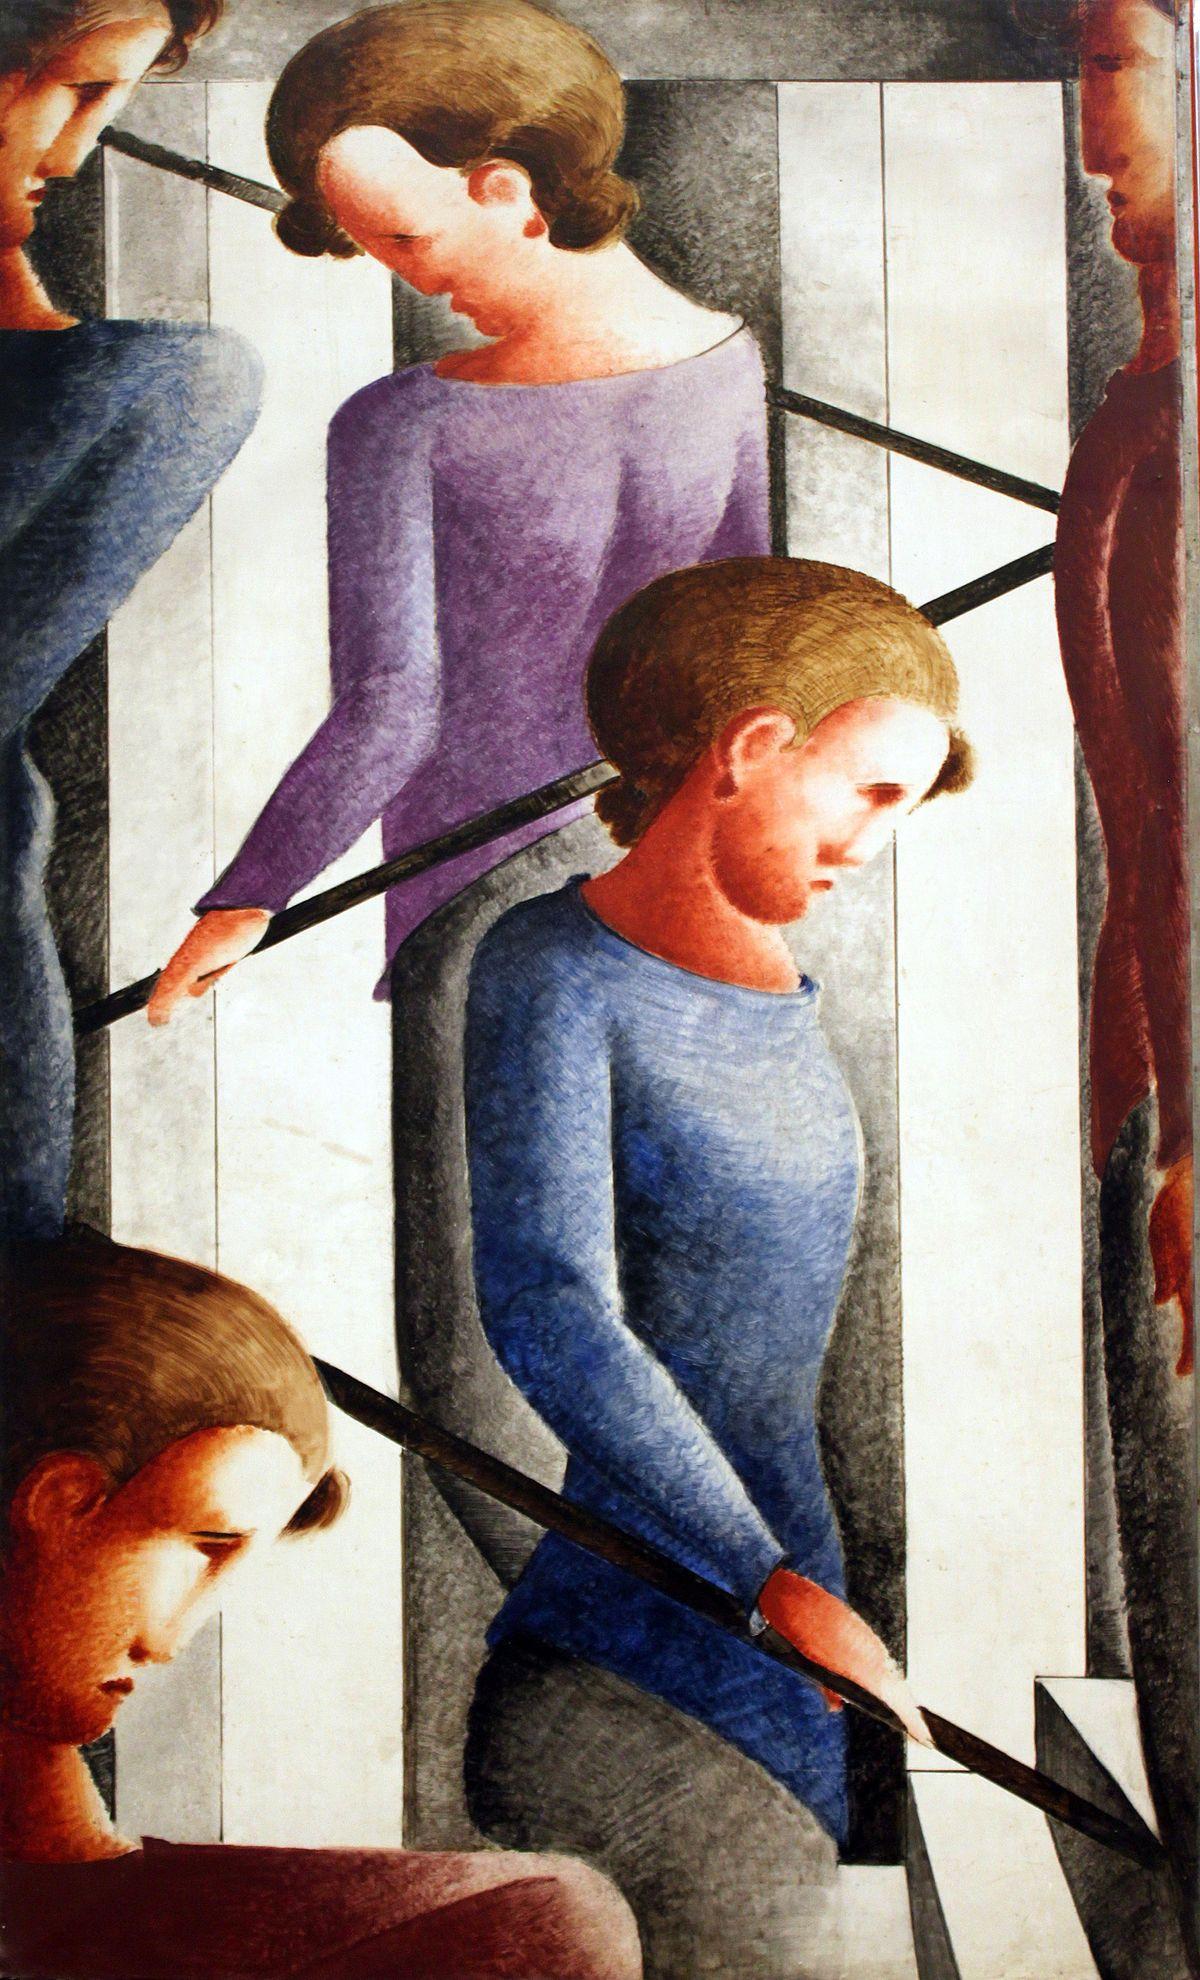 Oskar Schlemmer (1888 - 1943), Treppenszene, 1932, © Hamburger Kunsthalle / bpk, Foto: Elke Walford